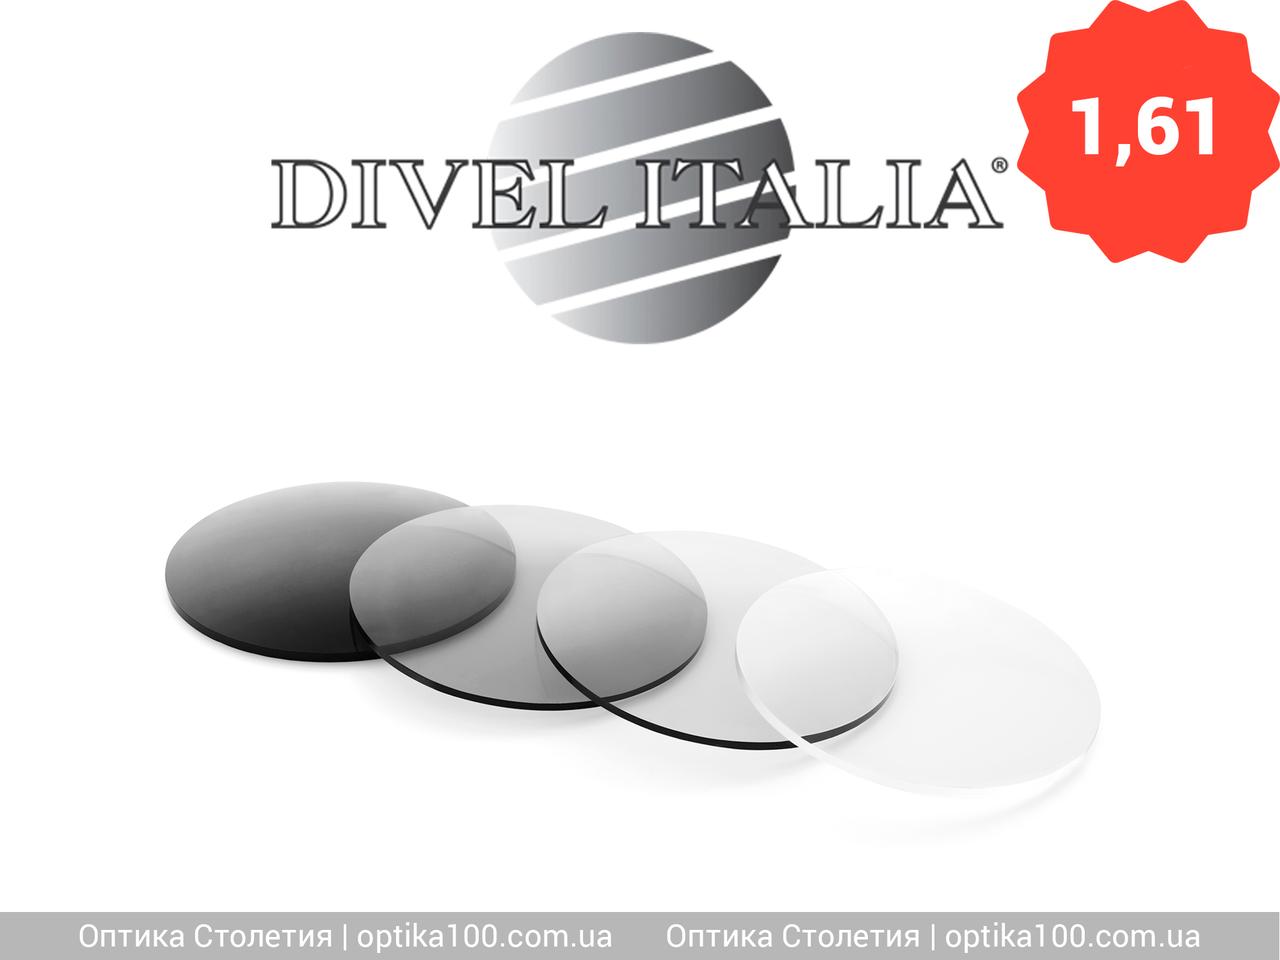 Витончена фотохромная лінза Divel Italia 1.61. Ударостійка! Підійде для безободковых оправ